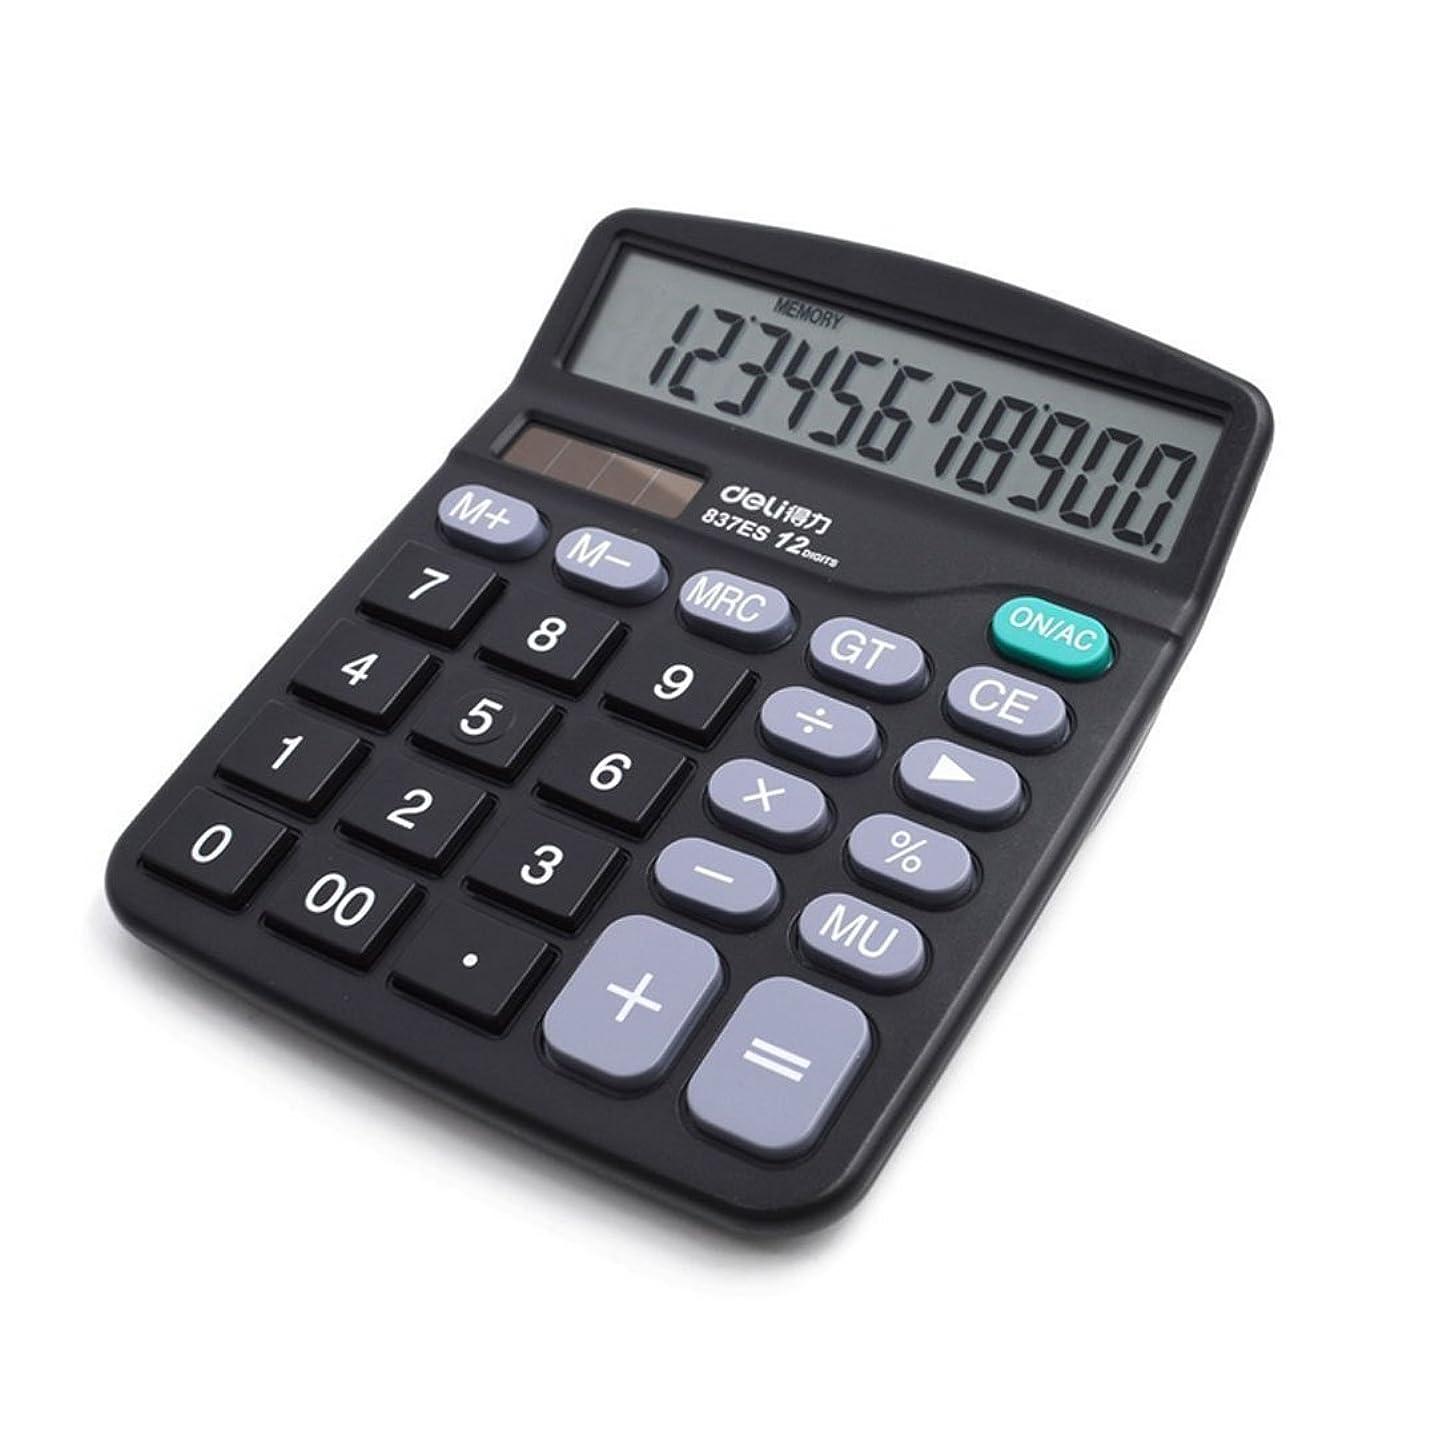 制限実験的範囲Sun Kea 標準機能 卓上電卓 電子 学校 ホーム オフィス 電卓 文房具 ギフト One Size